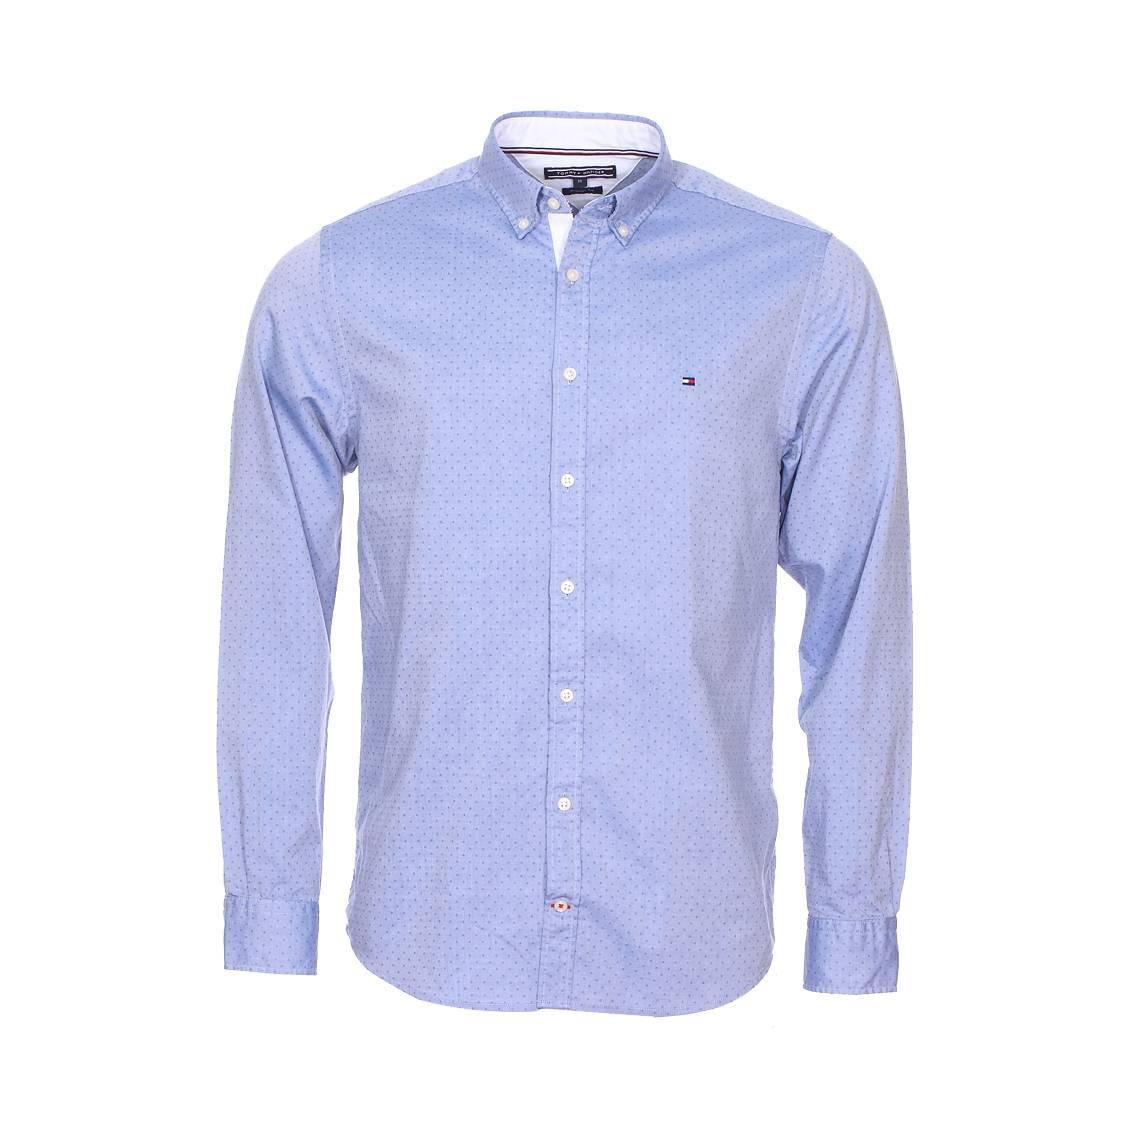 Chemise droite Tommy Hilfiger Printed Dobby en coton bleu chiné à pois bleus | Rue Des Hommes